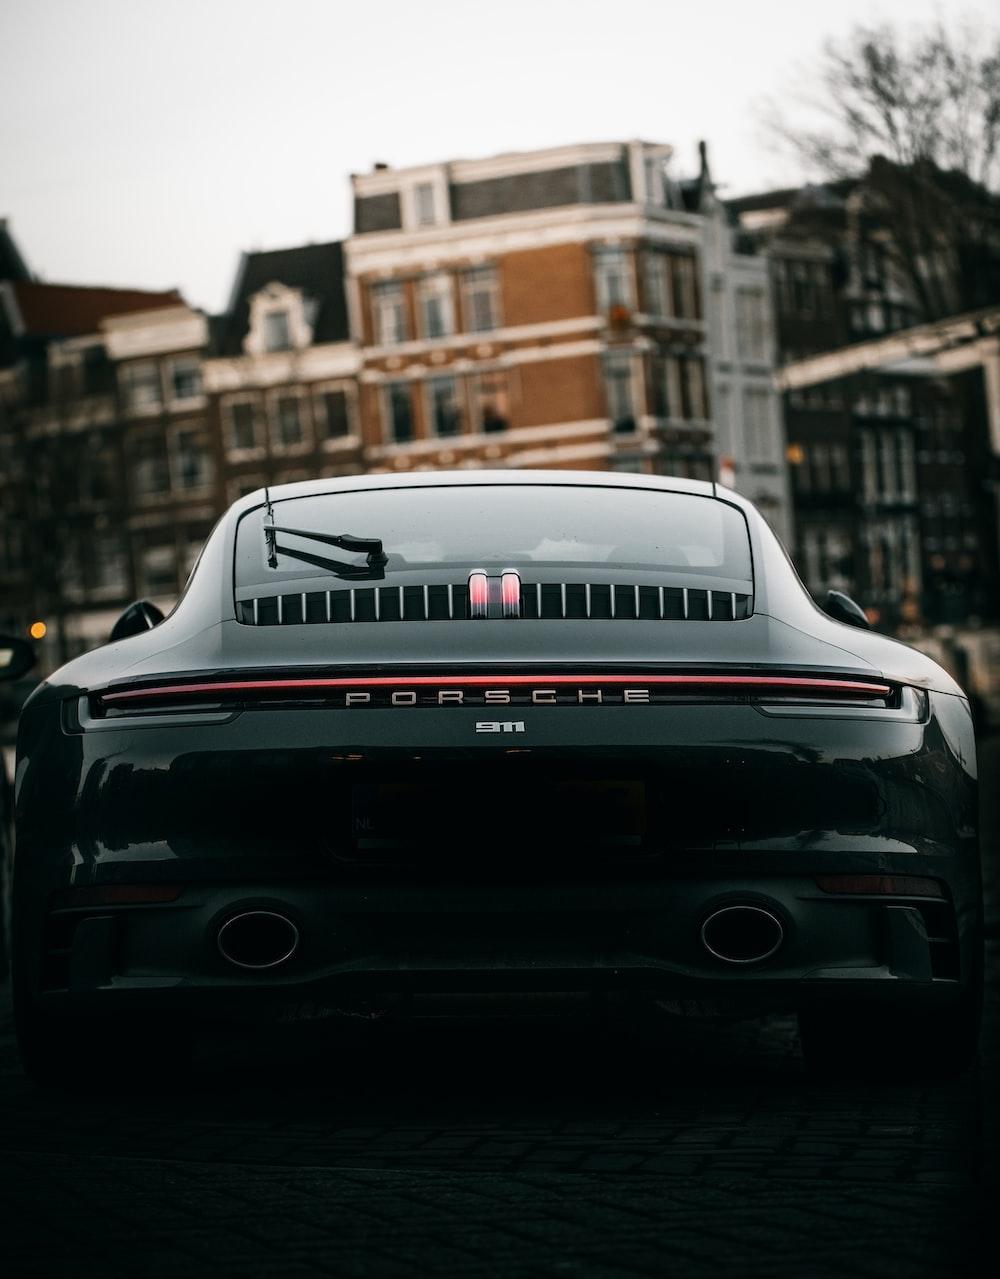 black porsche 911 parked on street during daytime